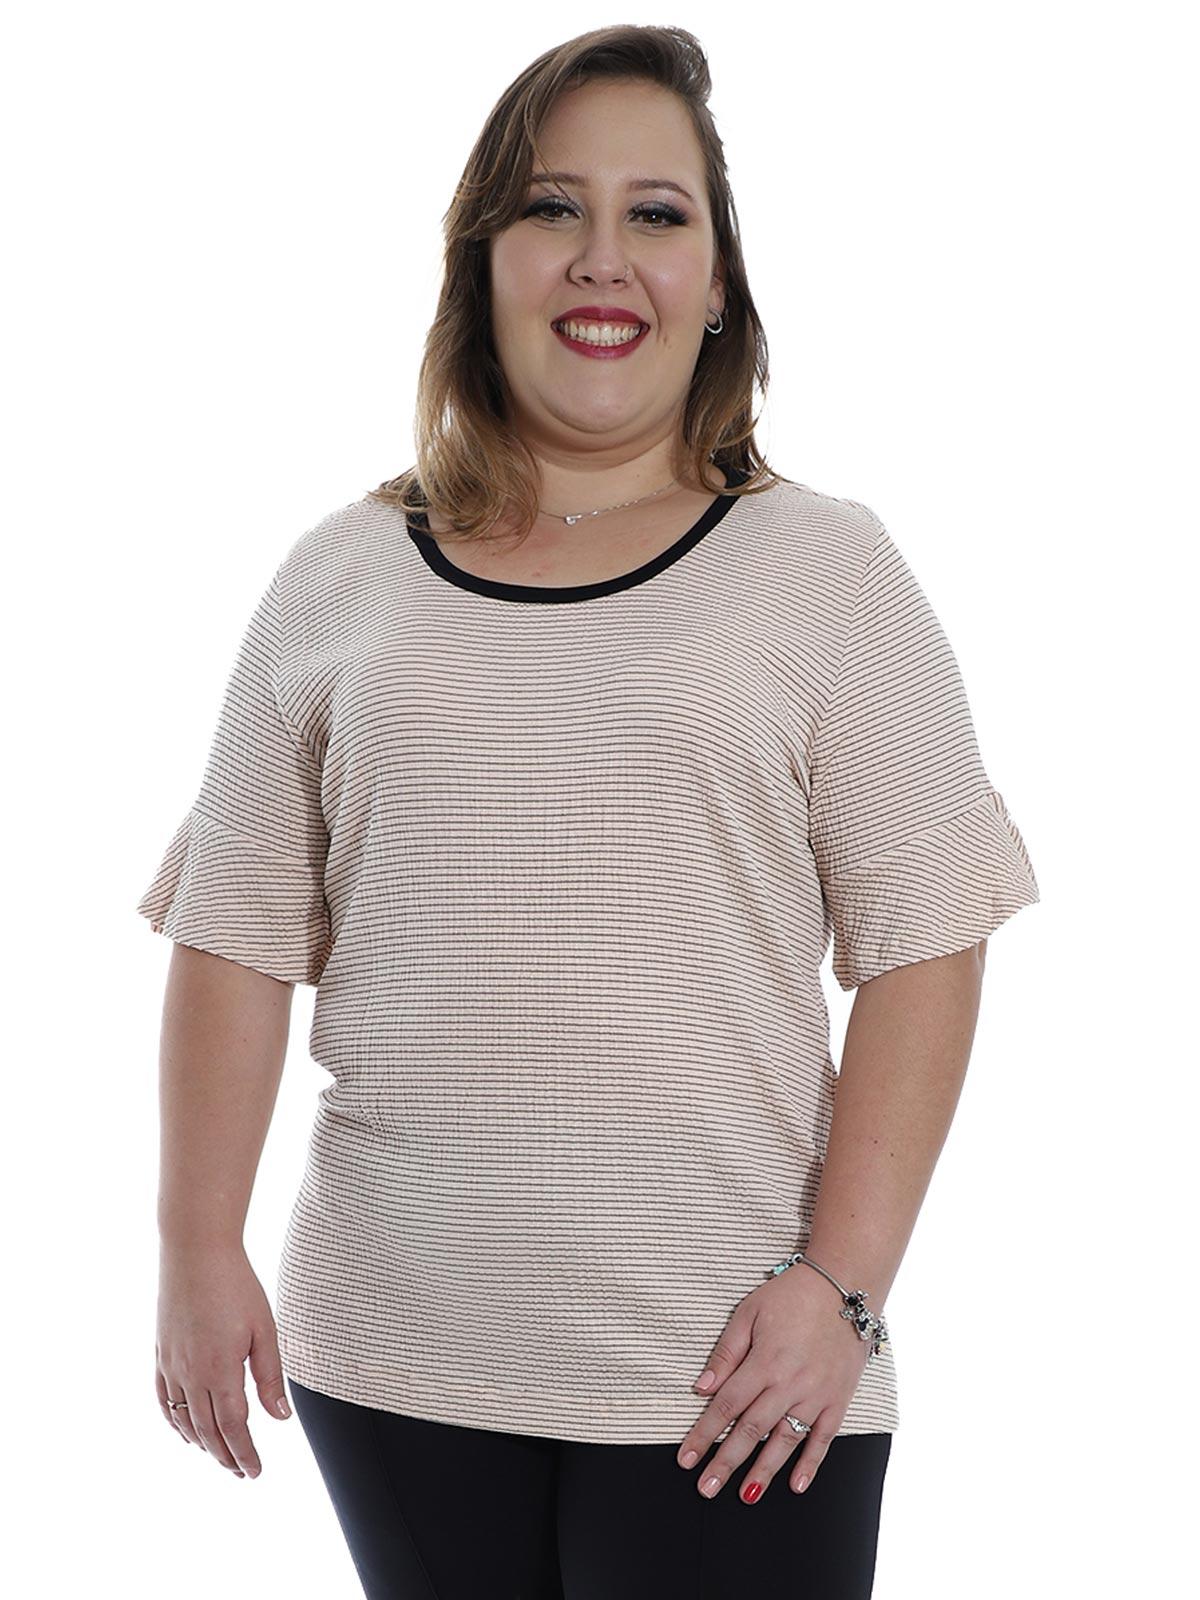 Blusa Plus Size KTS Decote U Fio Tinto Coral